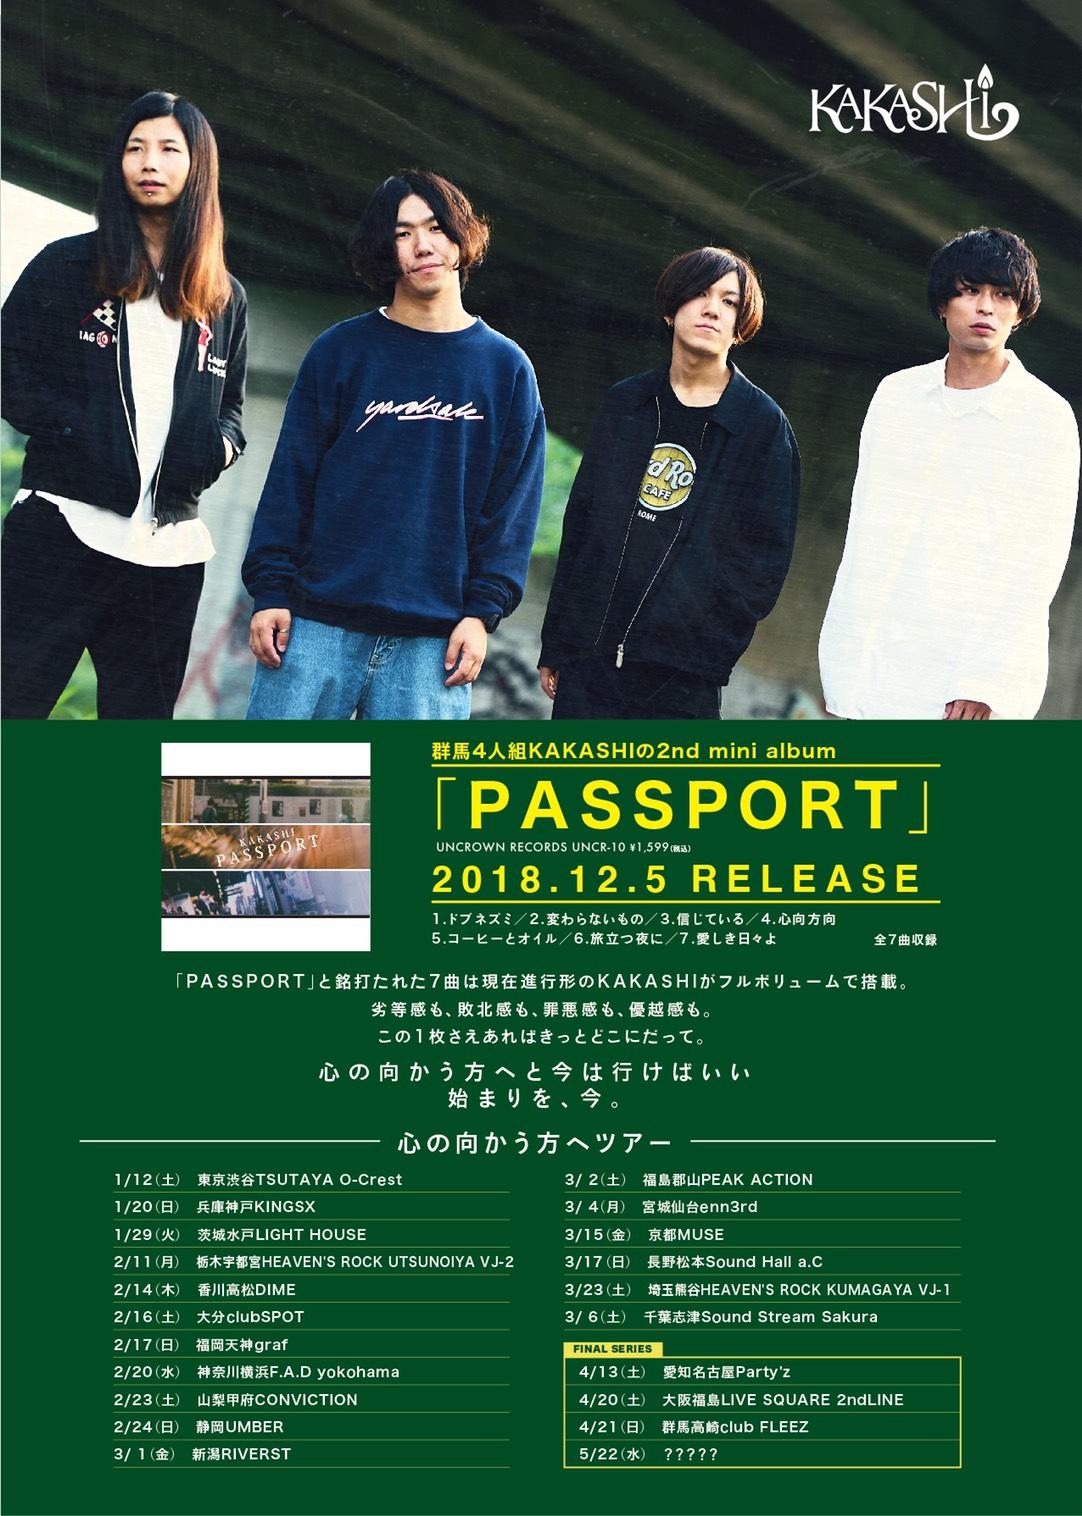 KAKASHI 2nd mini album「PASSPORT」release tour 【心の向かう方へツアー】